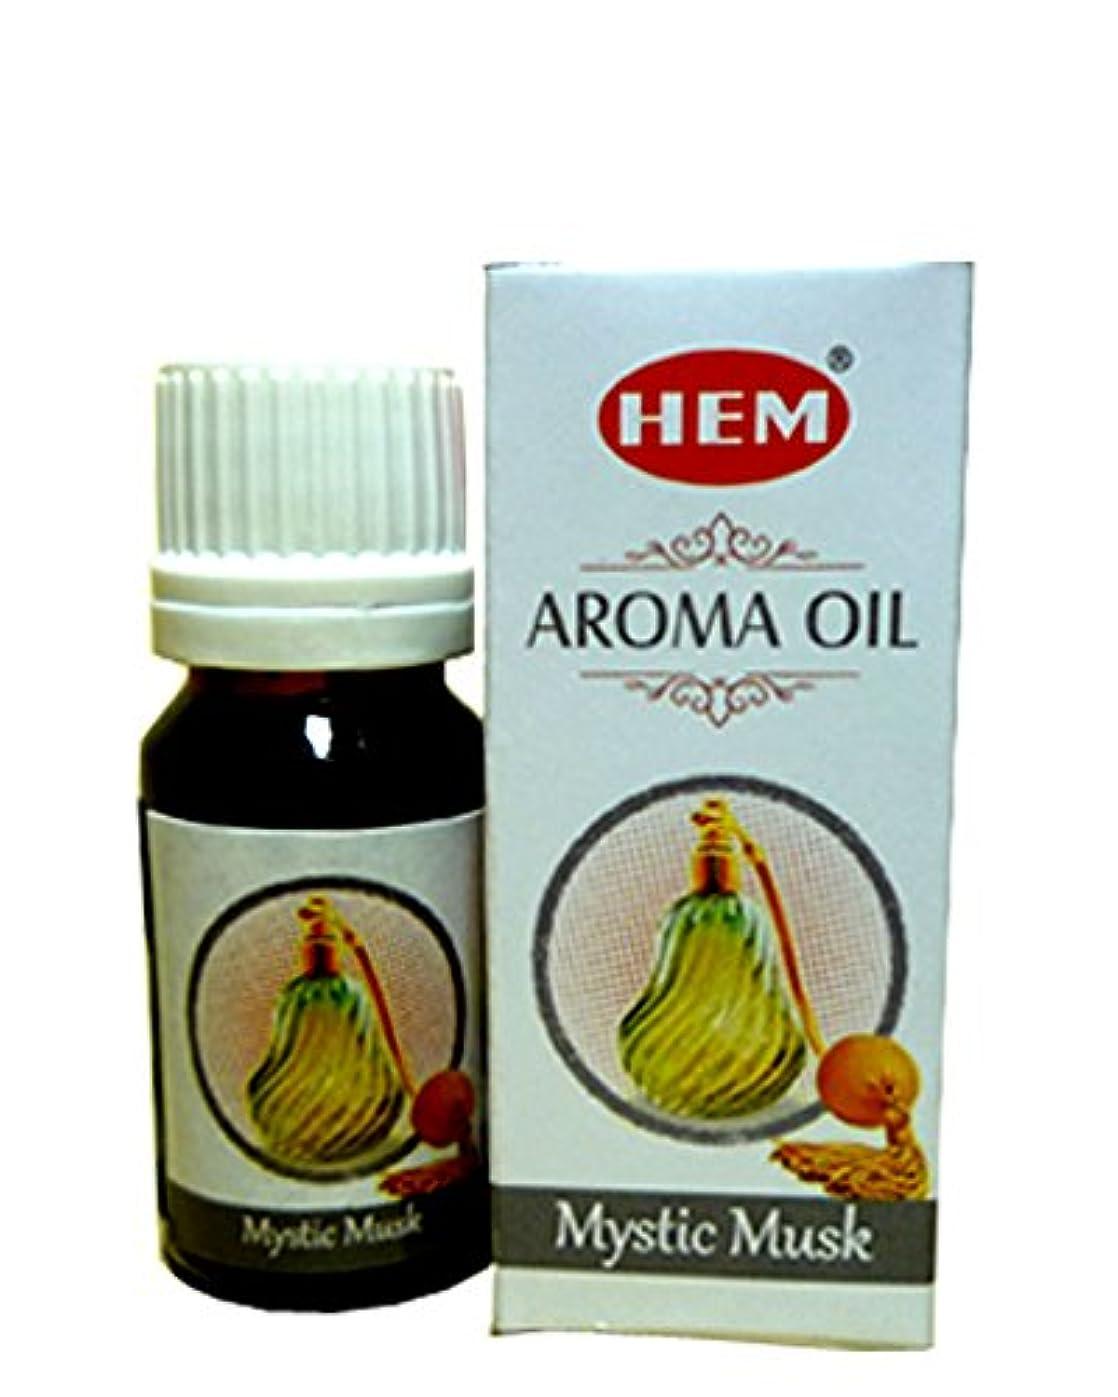 北米香り七面鳥HEMのアロマオイル HEM AROMA OIL 10ml ミスティック ムスク MYSTIC MUSK